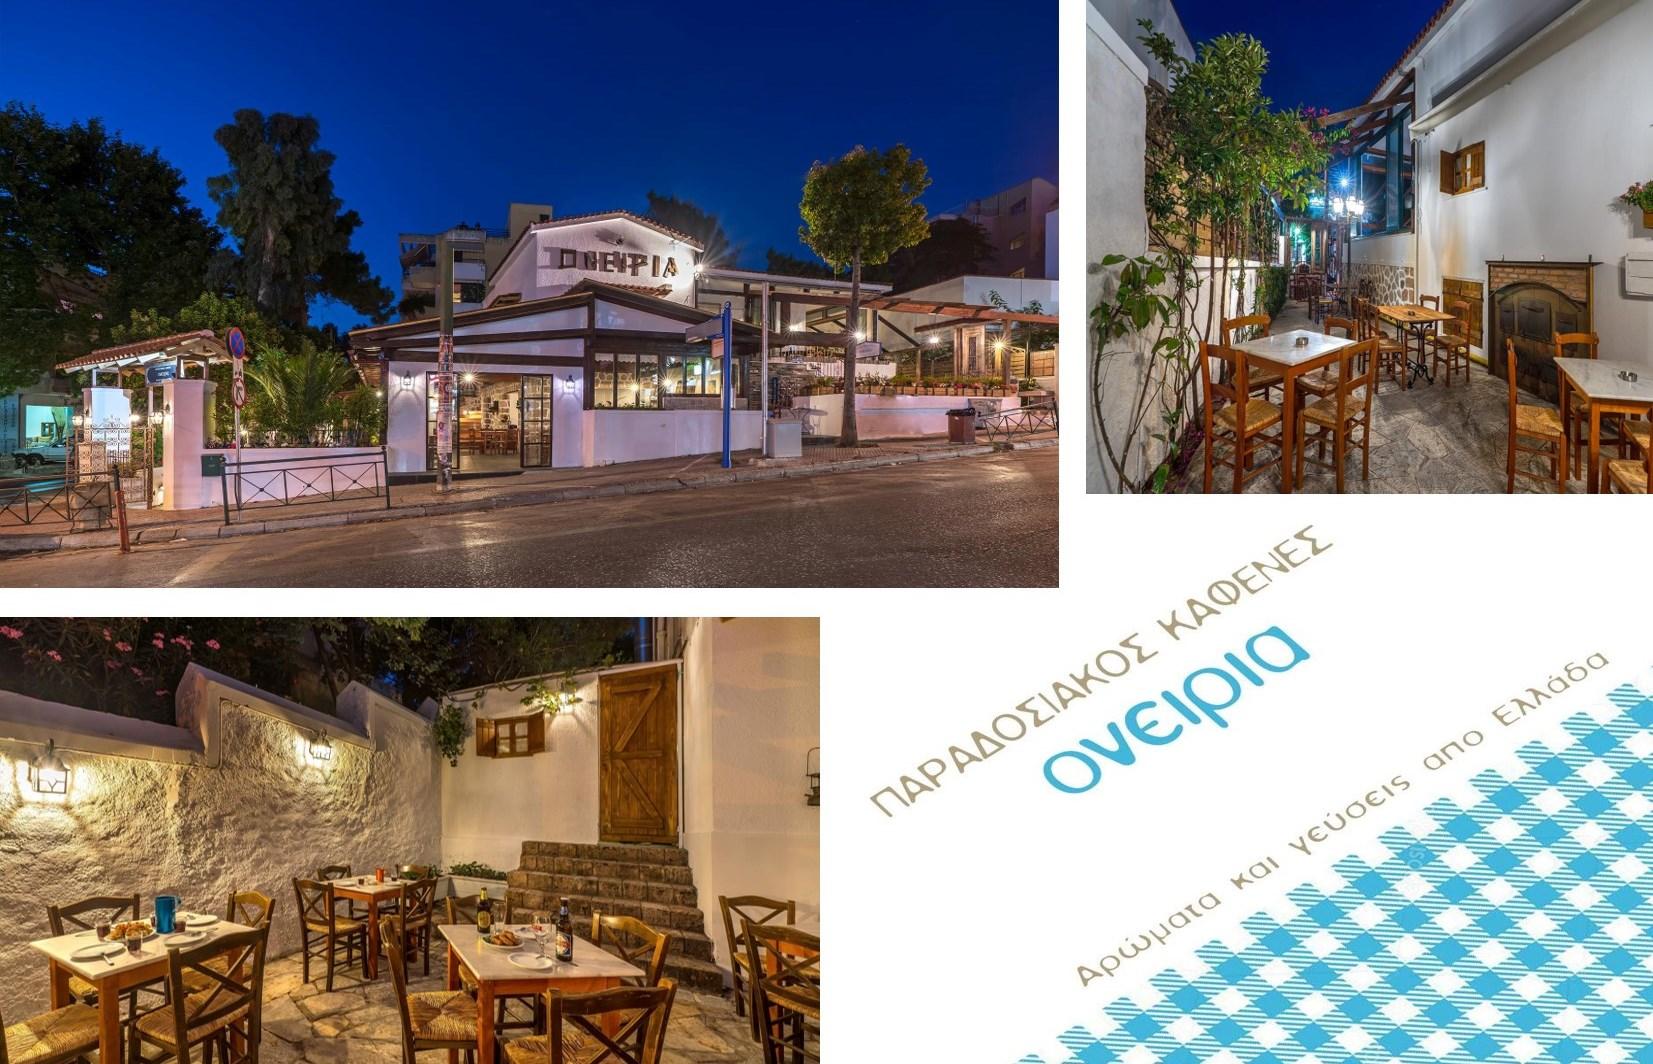 12,5€ από 25€ για πλήρες menu 2 ατόμων, ελεύθερη επιλογή, στο μεζεδοπωλείο ''Ονειρία'' στην καρδιά του Χαλανδρίου